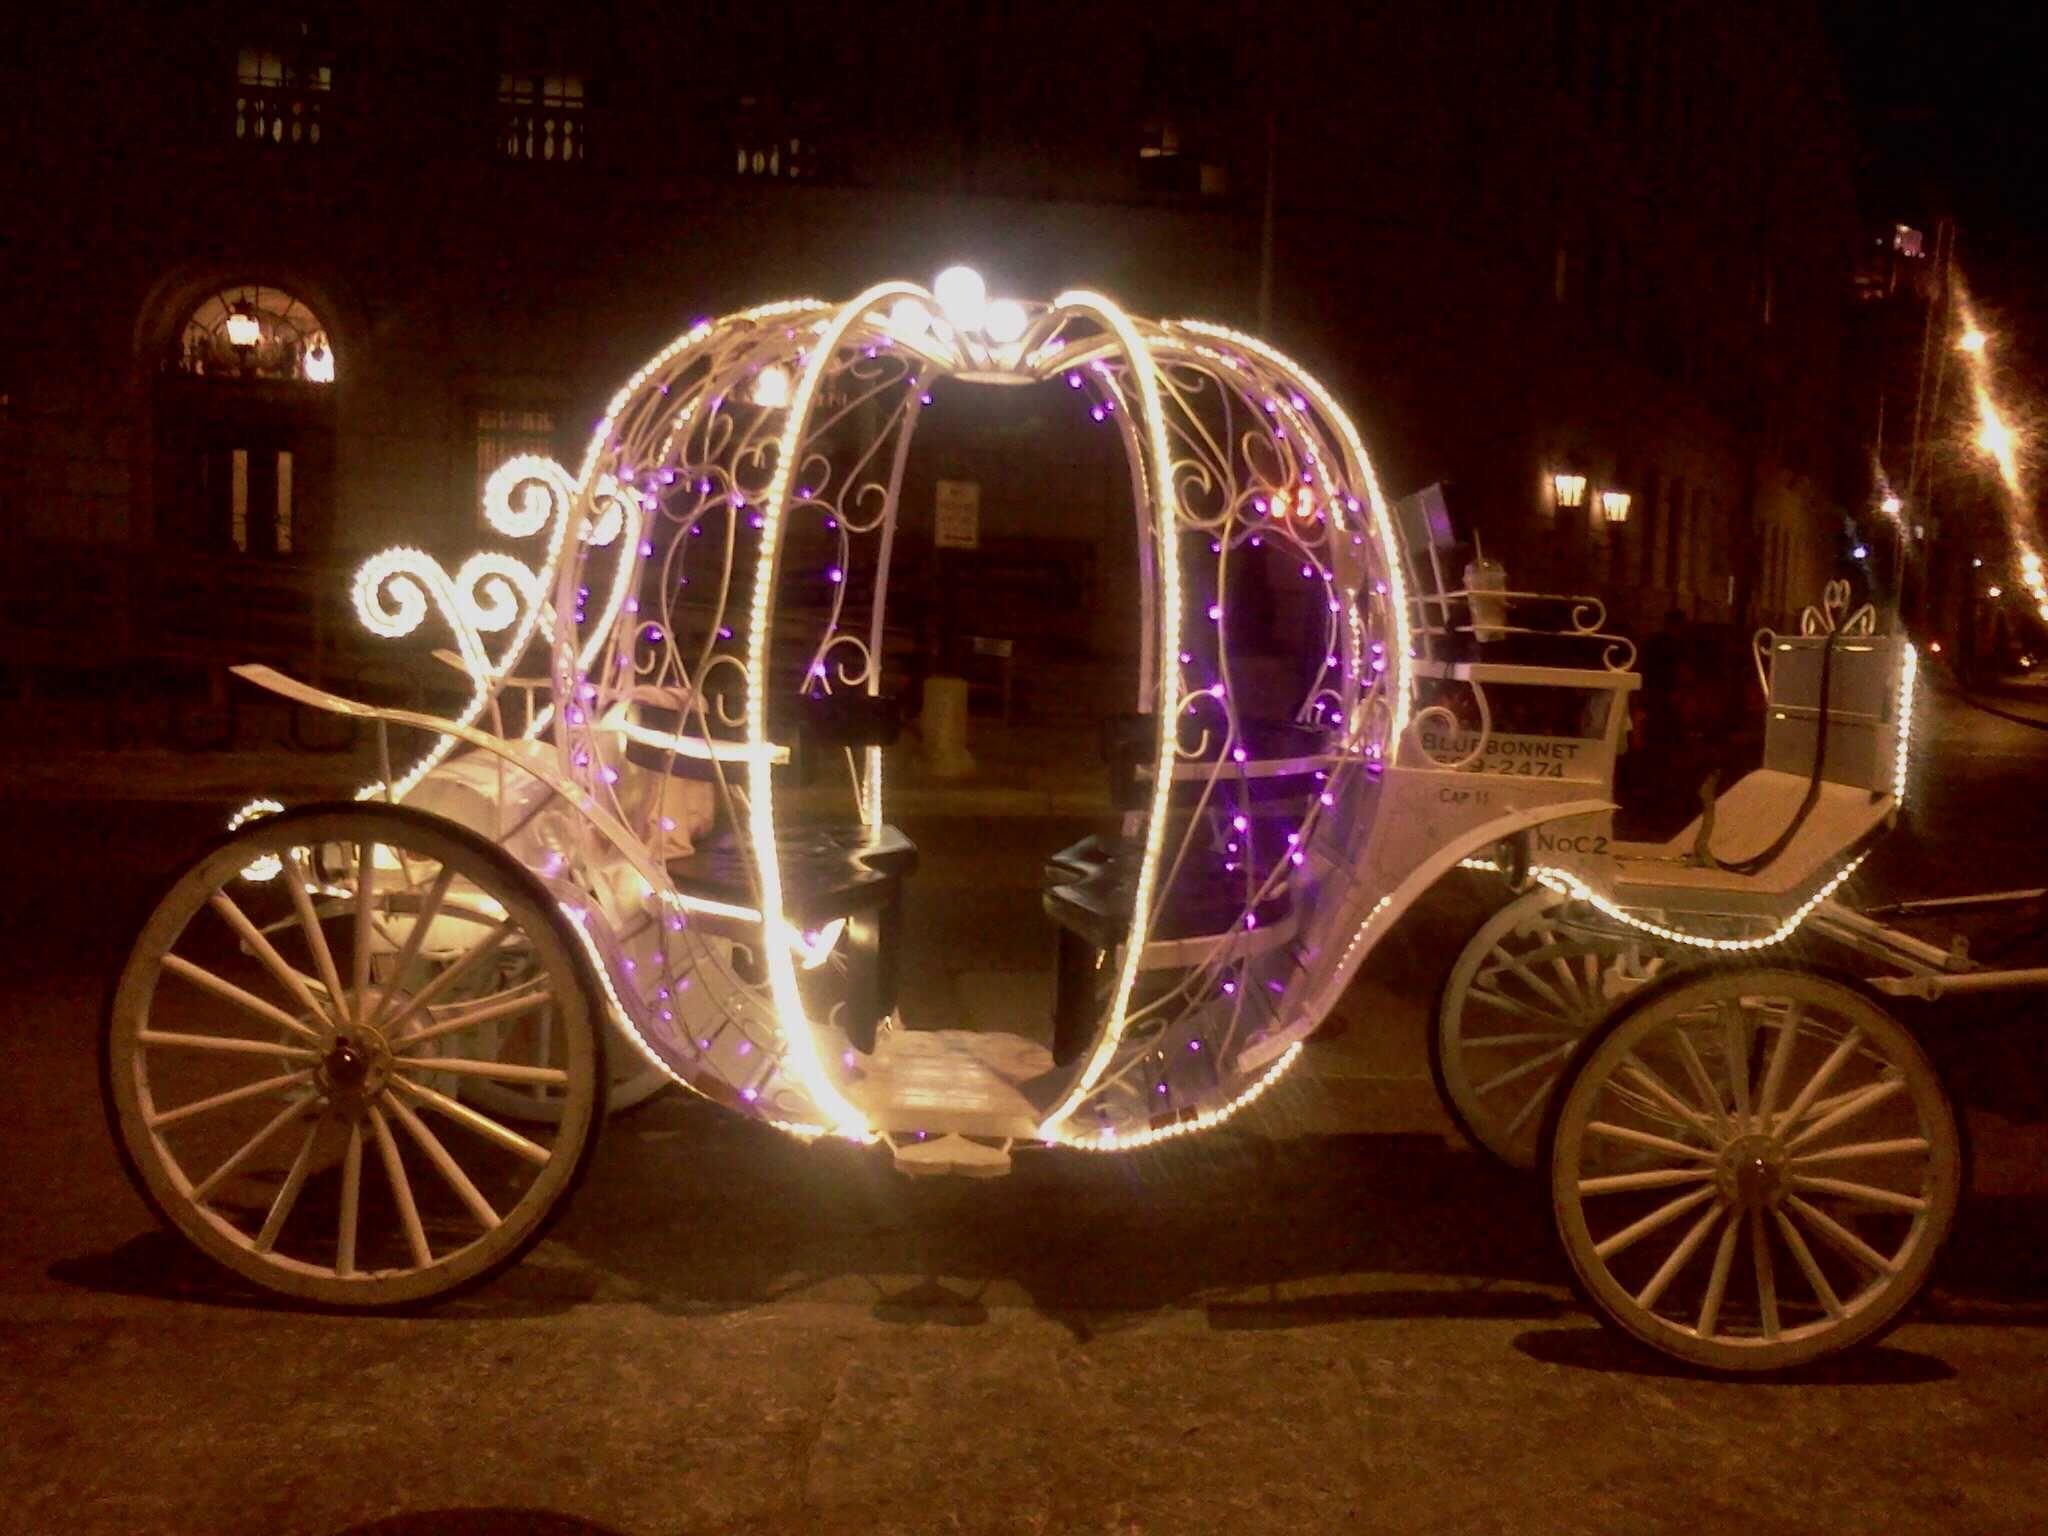 Horse carriage at night. San Antonio Antique cars, Horse